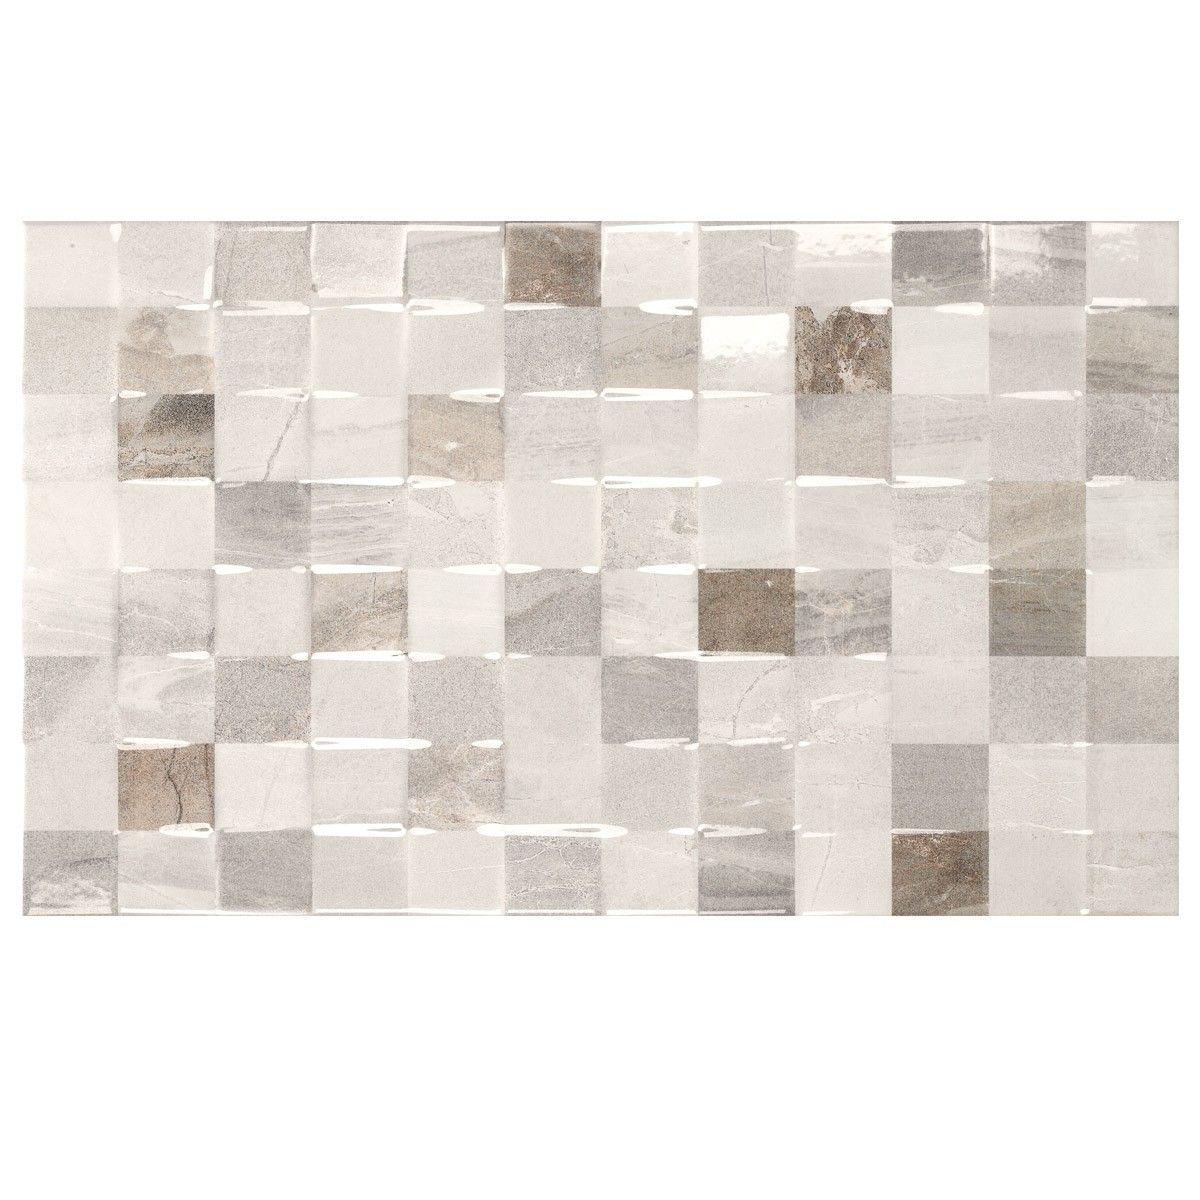 Atrium Kios Gris Glazed Porcelain Floor Tile: £15.19 M2 Atrium Kios Gris Relieve Glazed Porcelain Wall